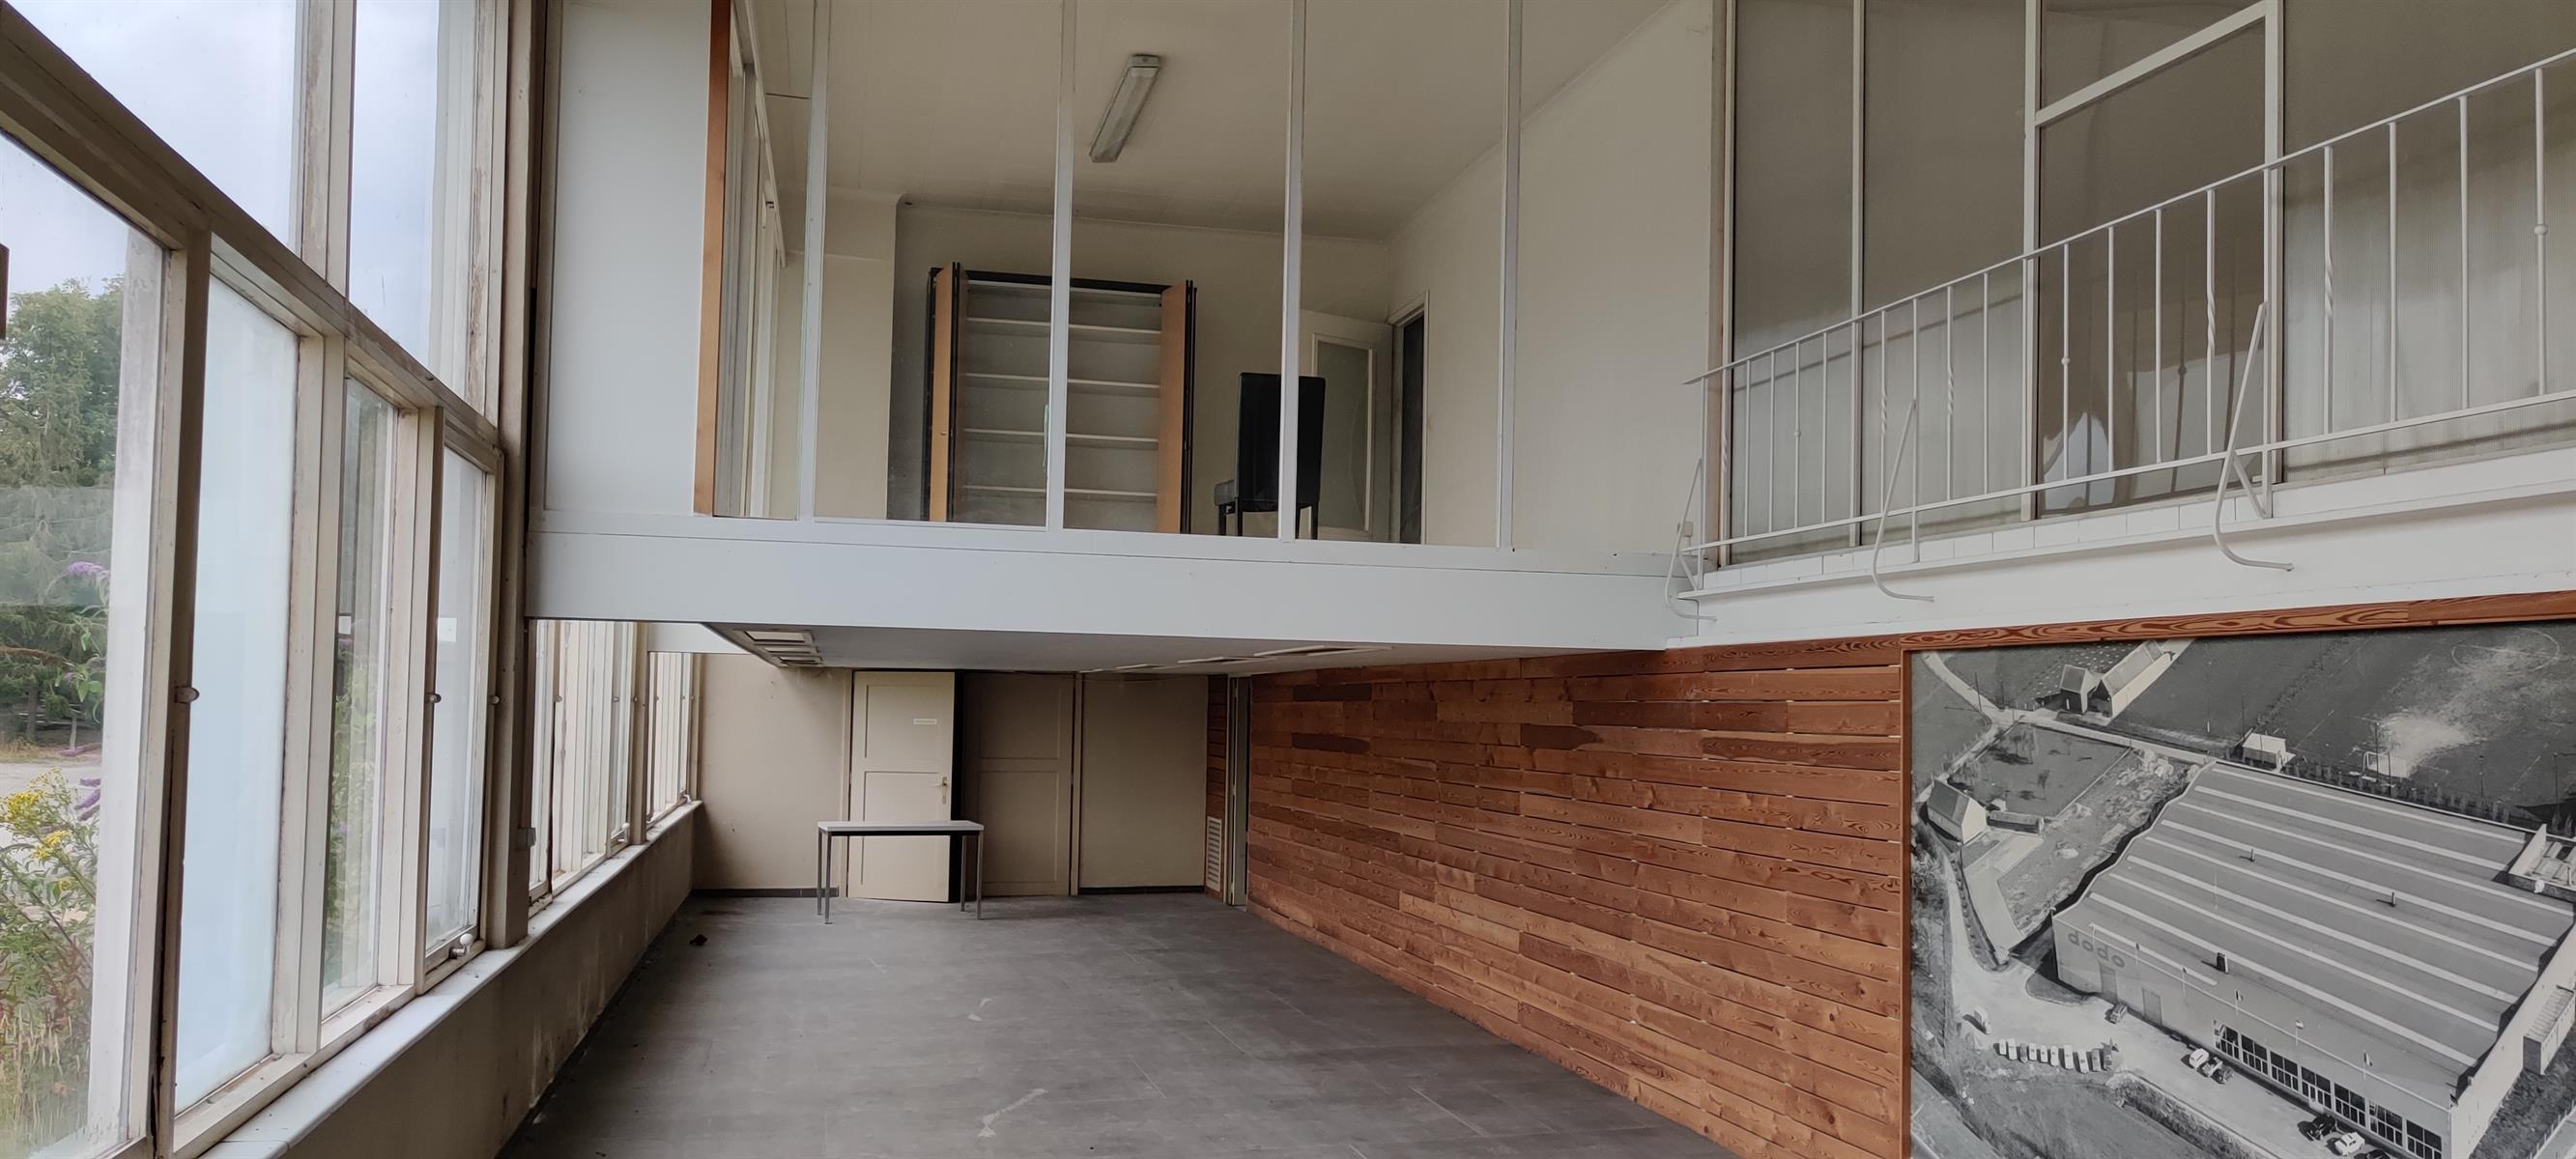 gebouw voor gemengd gebruik te huur I158 - Lumbeekstraat 38, 1700 Dilbeek Sint-Ulriks-Kapelle, België 22